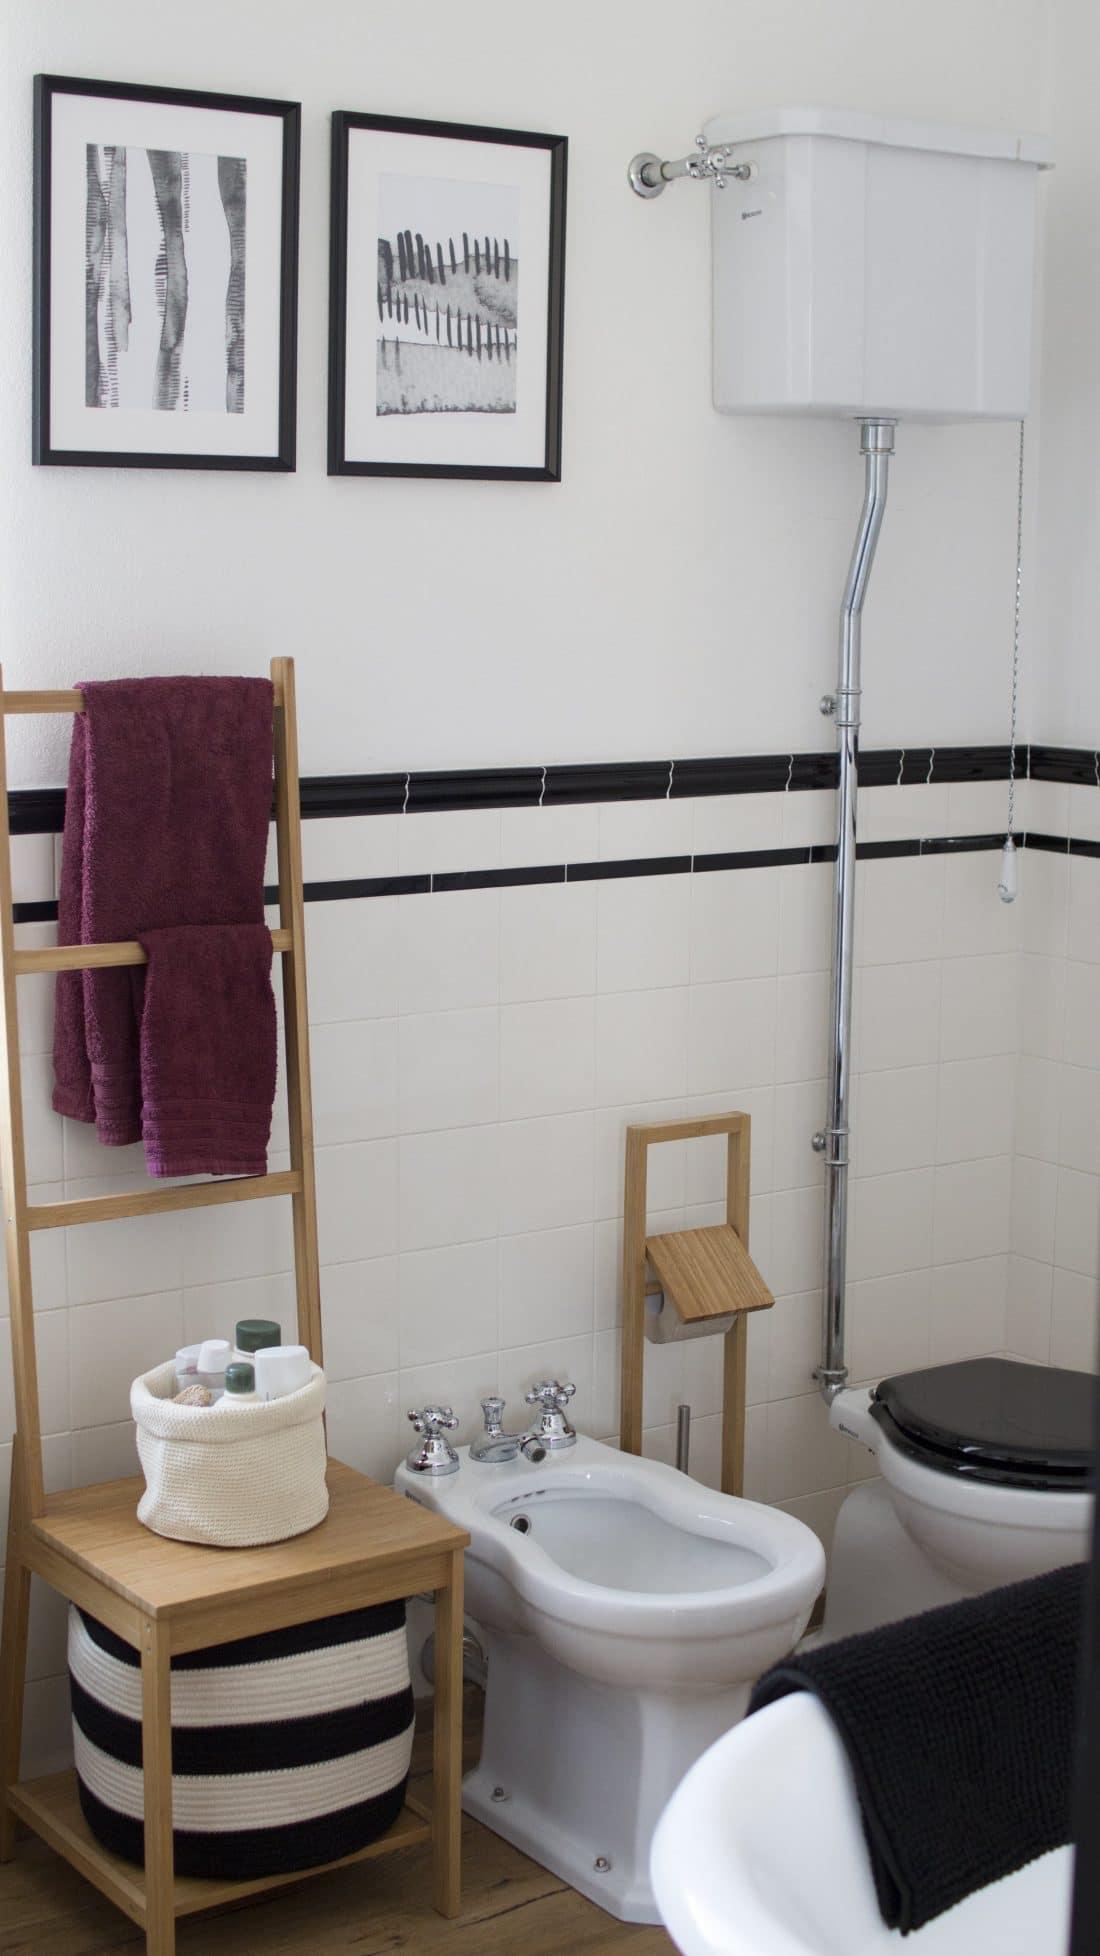 5 modi per dare nuova vita al proprio bagno the bluebird kitchen ricette storie stile - Quadri per il bagno ...